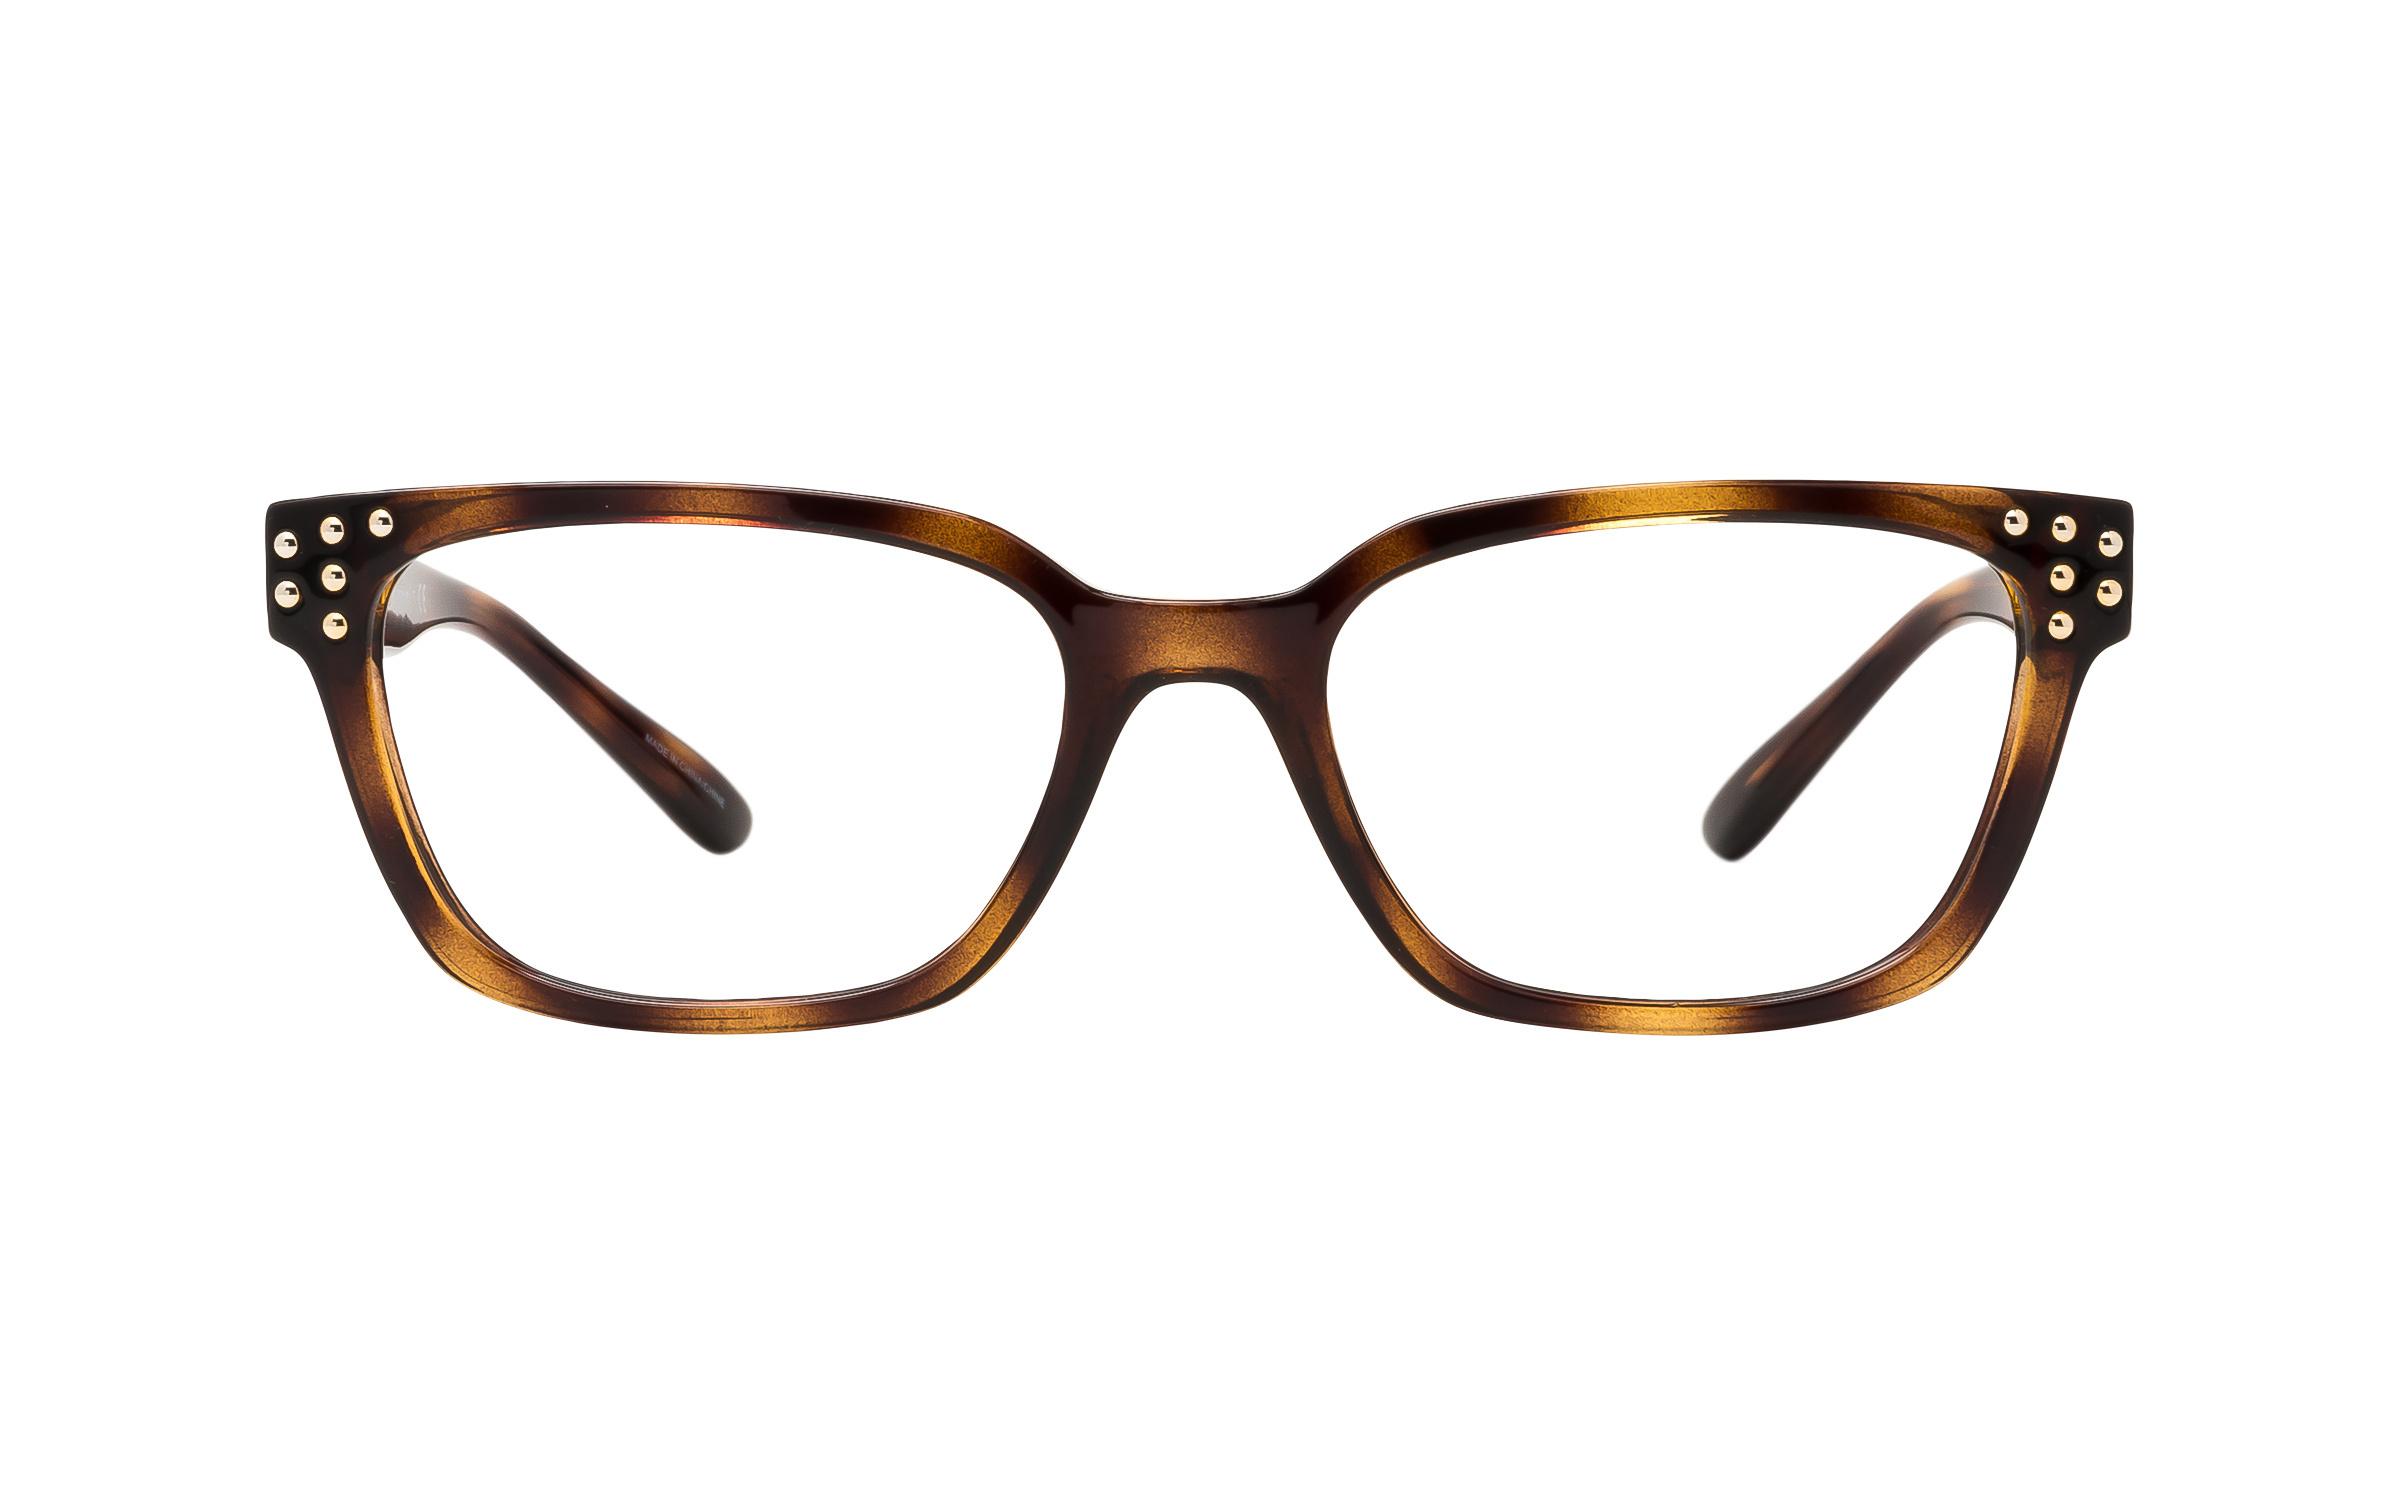 Michael Kors MK4056 Vancouver 3336 (51) Eyeglasses and Frame in Dark Brown/Tortoise | Metal - Online